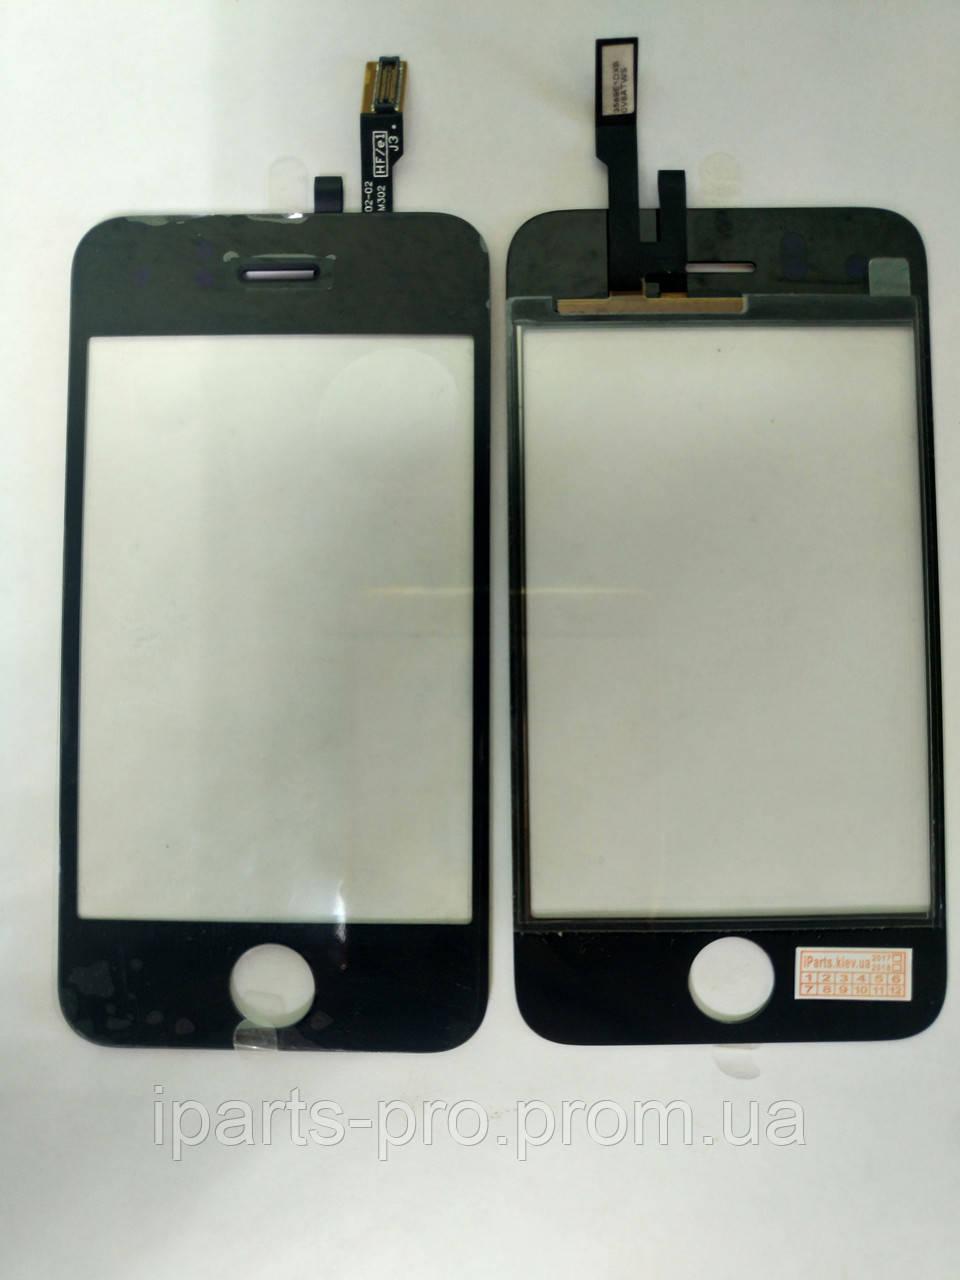 TOUCHSCREEN для iPhone 3G чёрный ААА